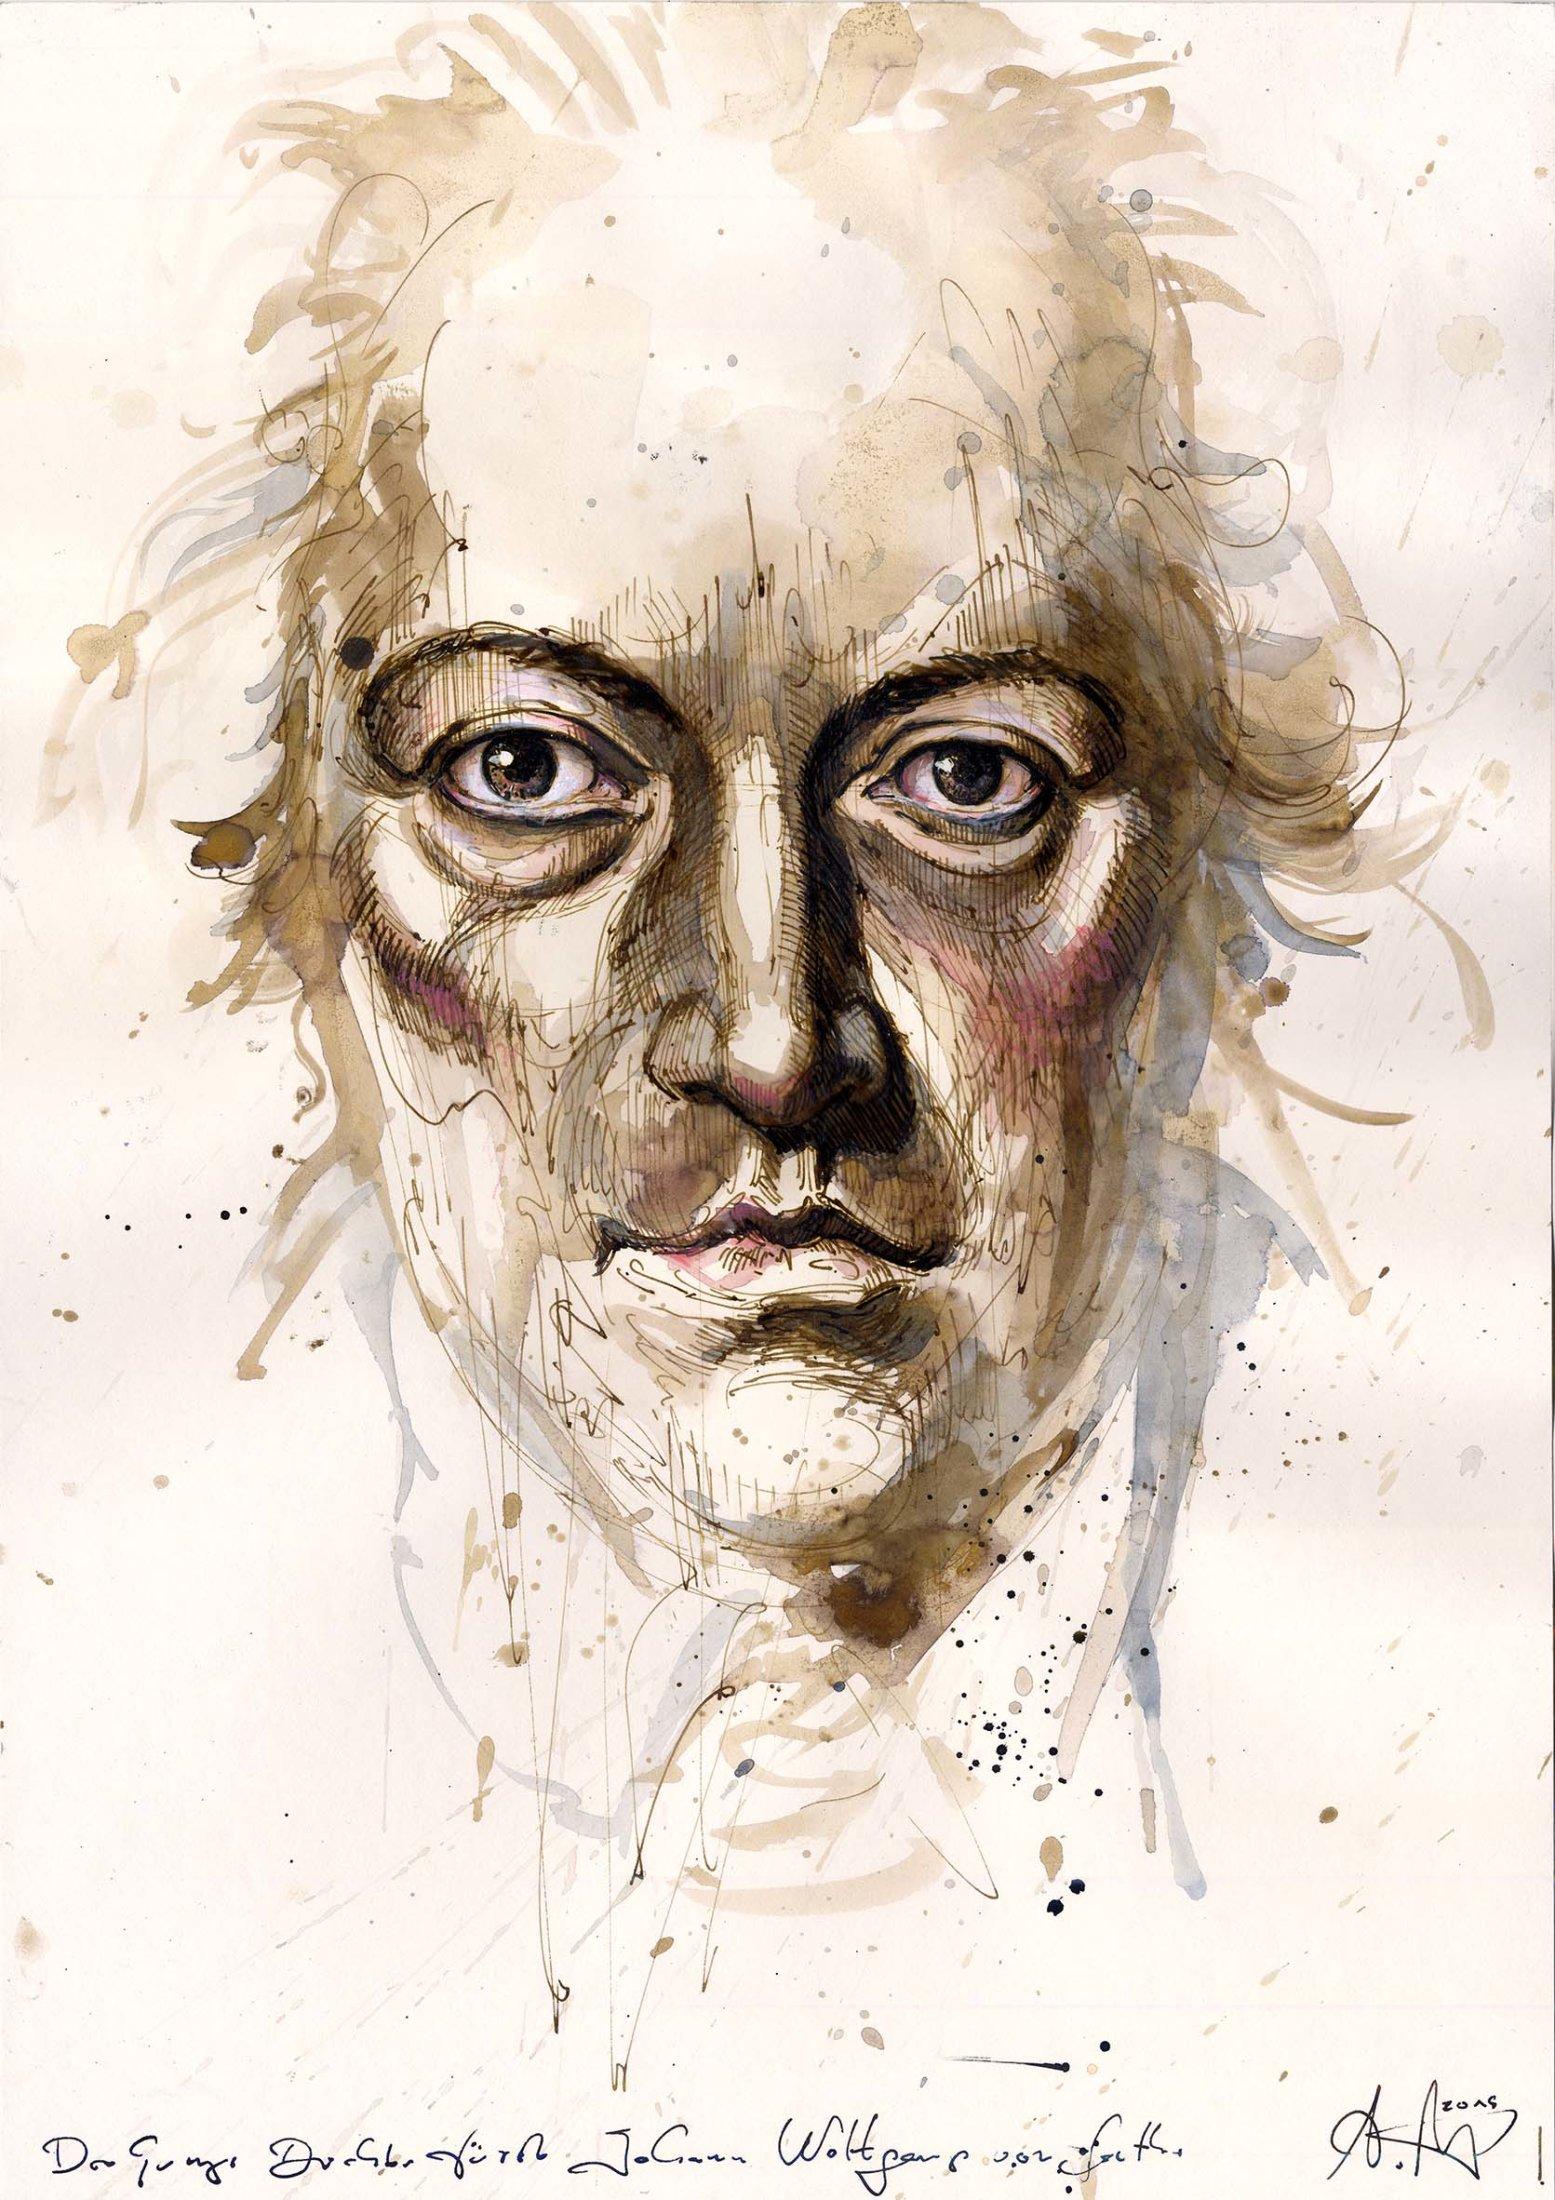 Der junge Dichterfürst Johann Wolfgang von Goethe